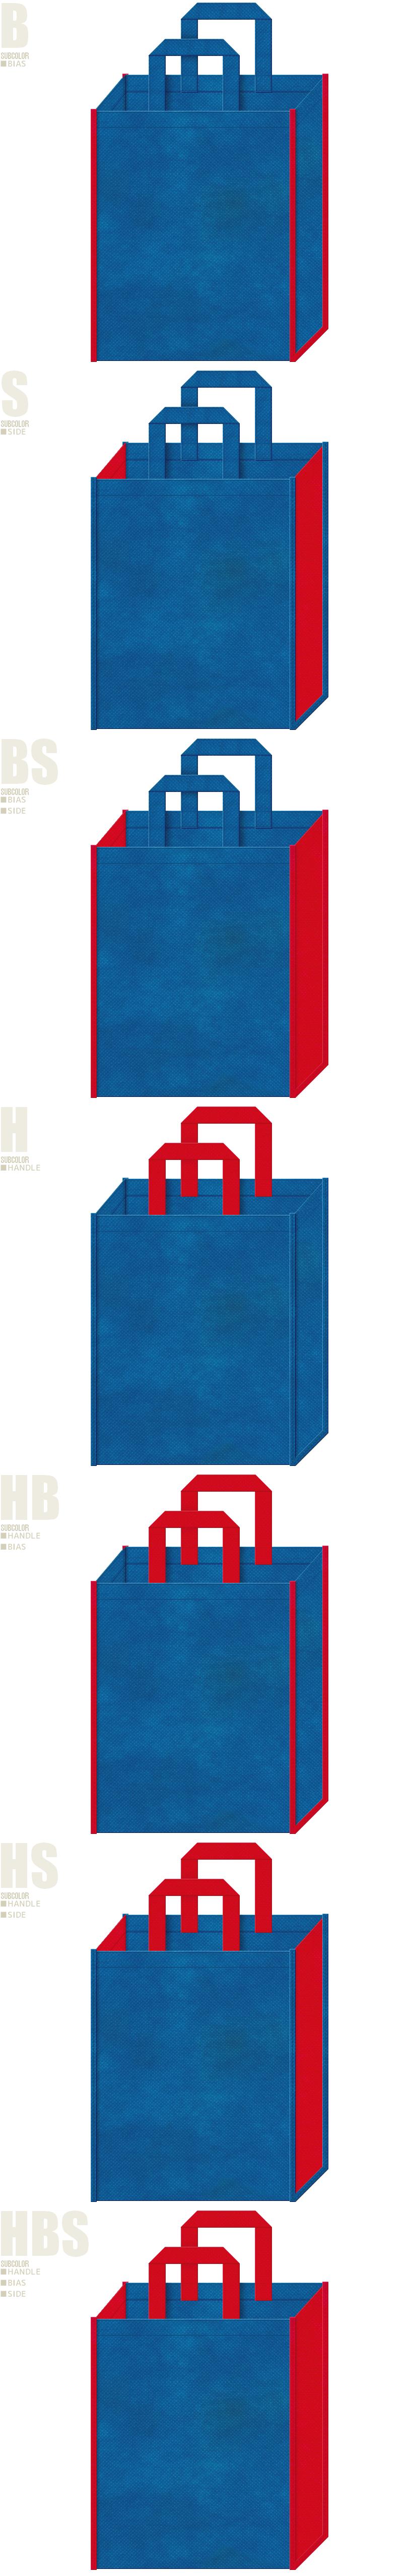 青色と紅色-7パターンの不織布トートバッグ配色デザイン例